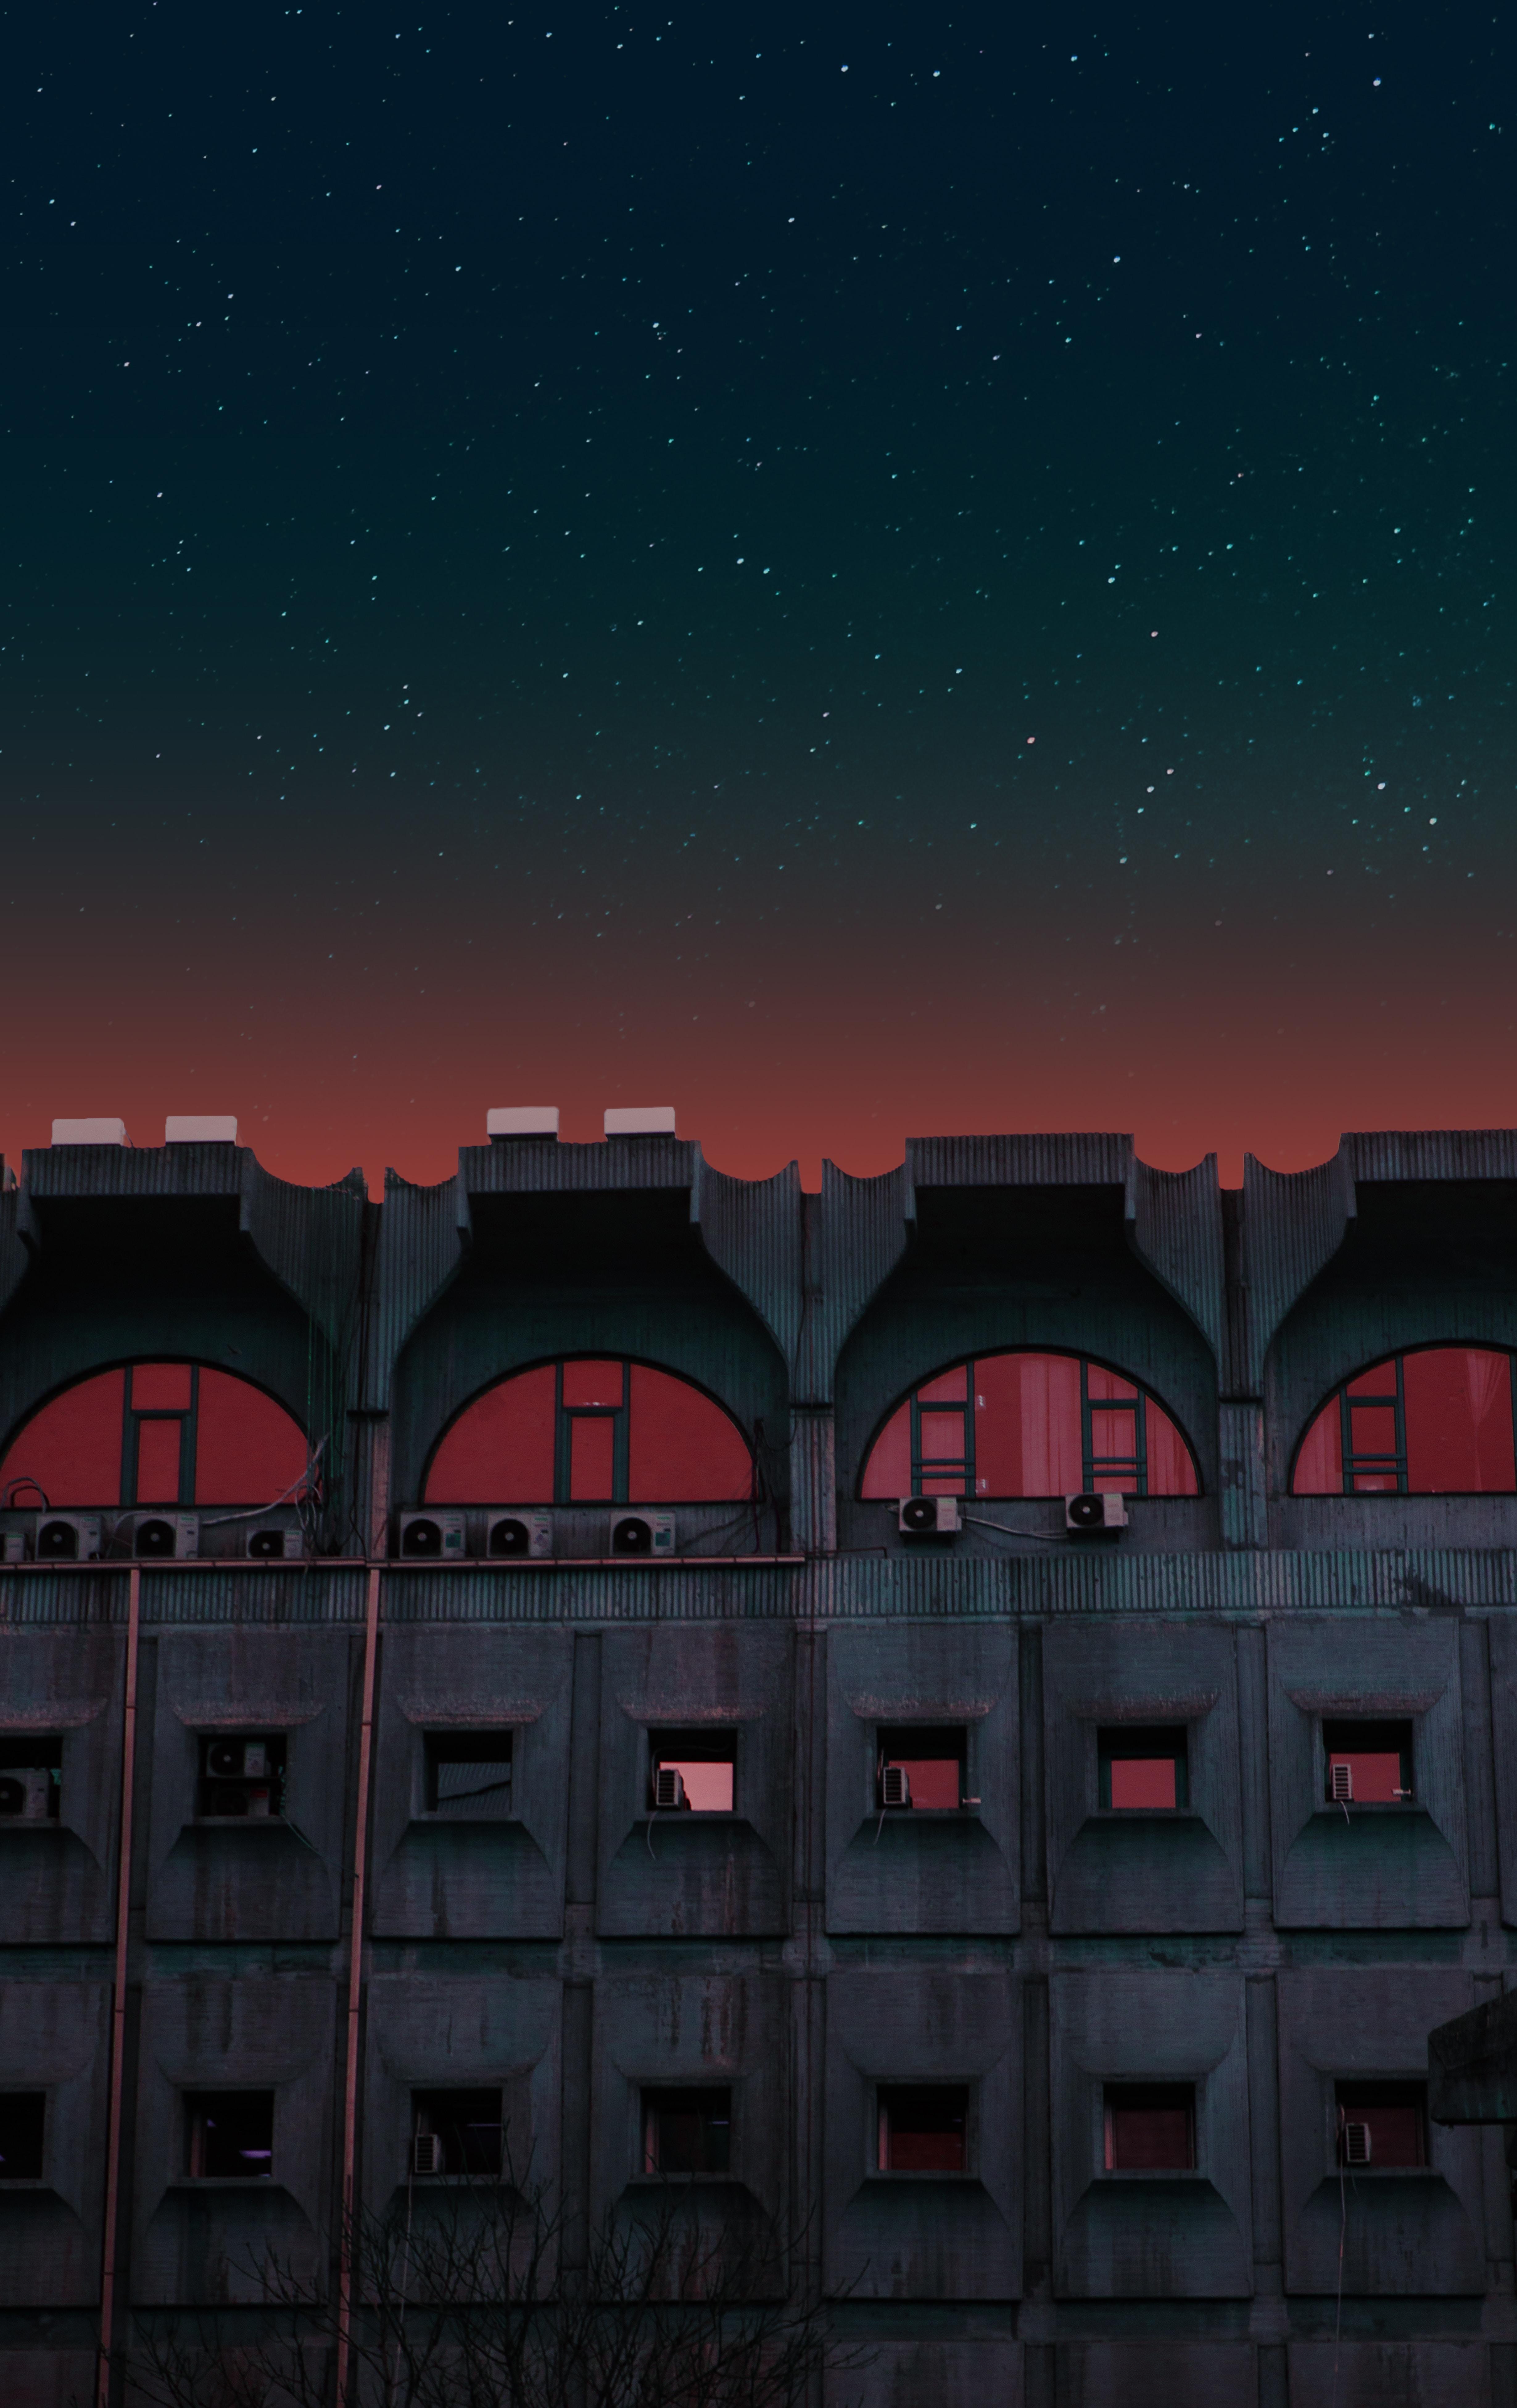 84991 скачать обои Разное, Здание, Фасад, Городской, Ночь, Архитектура - заставки и картинки бесплатно